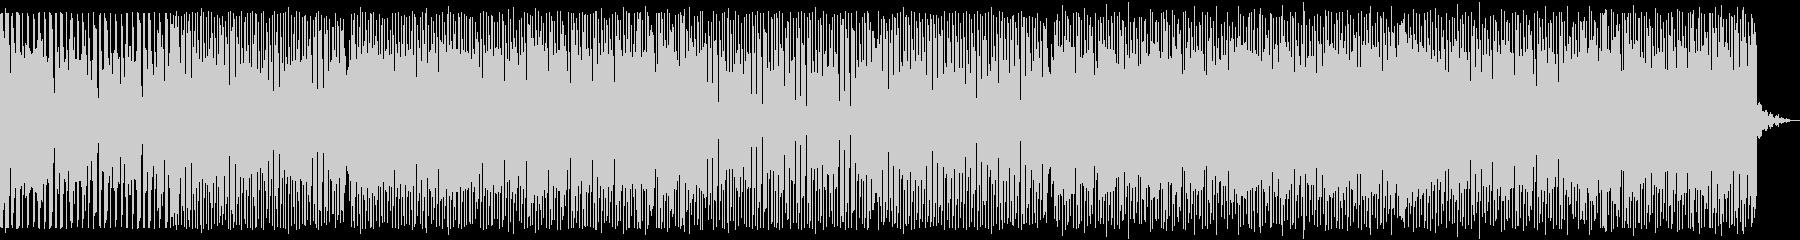 キラキラ。アパレル。ディスコ。2の未再生の波形